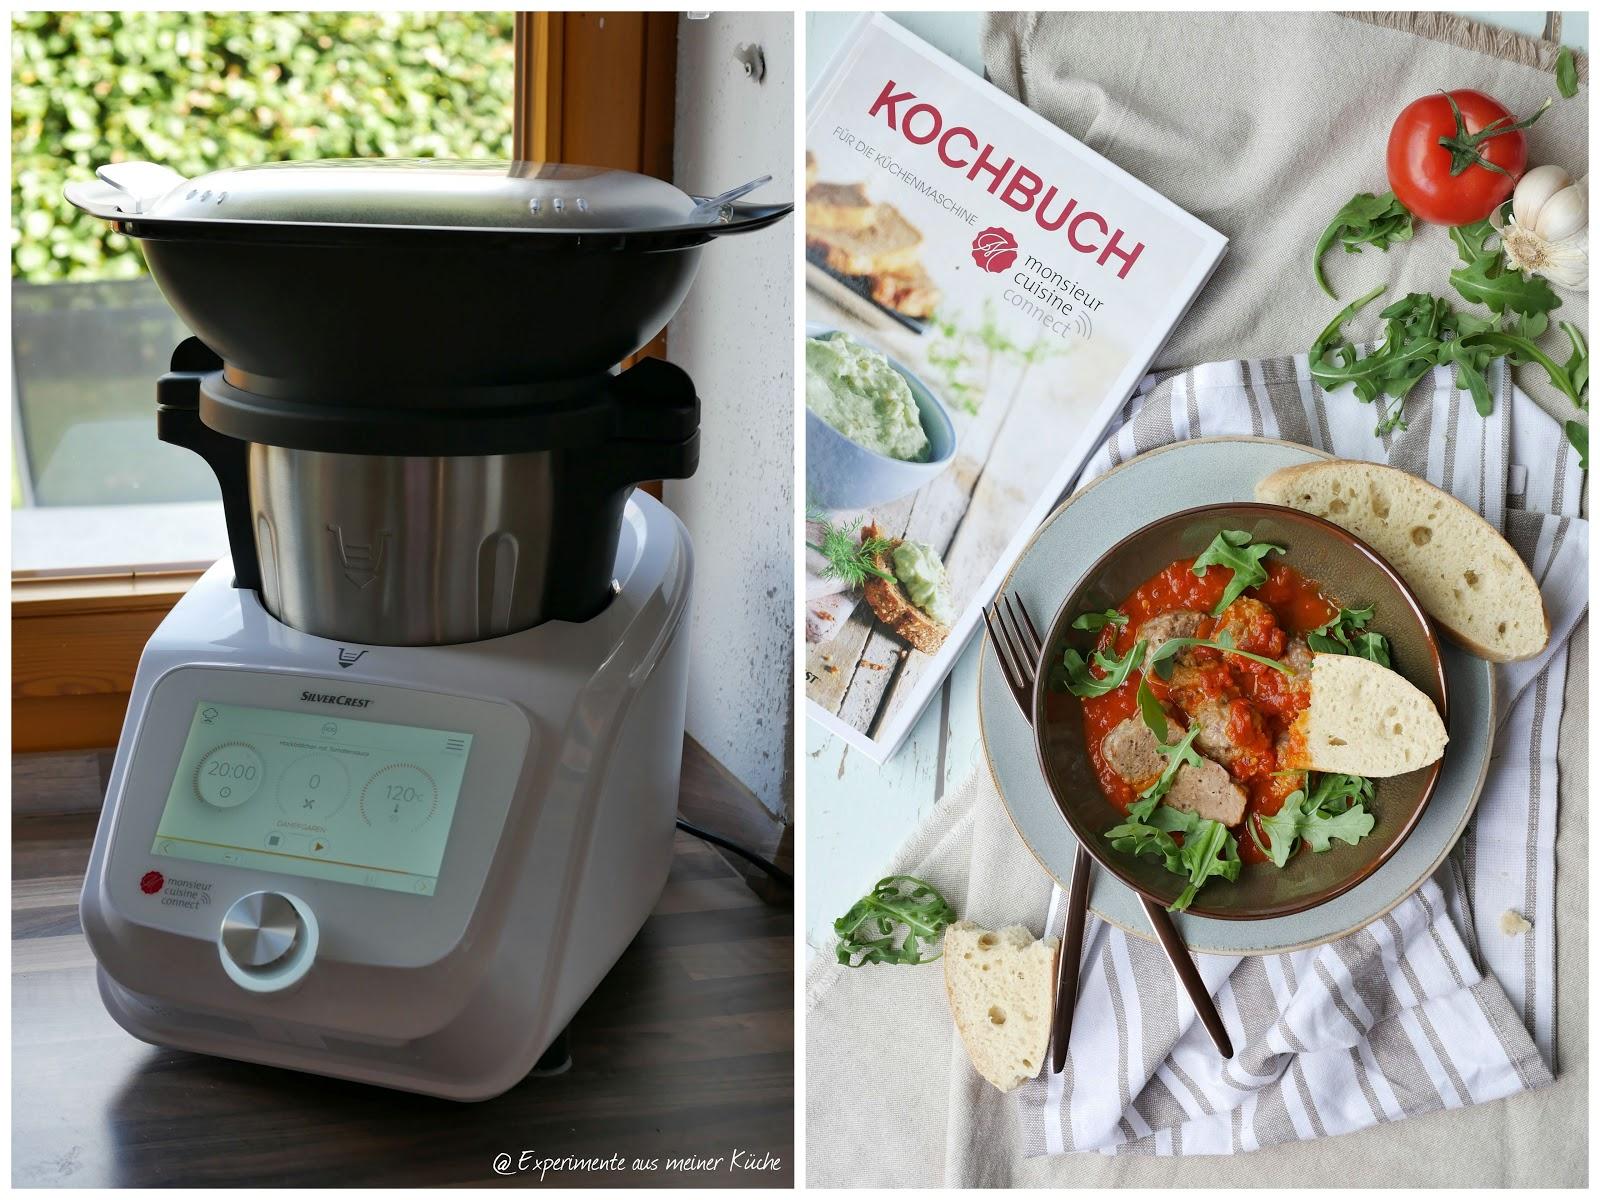 Fantastisch Geschlagenen Küche Tomatensauce Galerie - Ideen Für Die ...